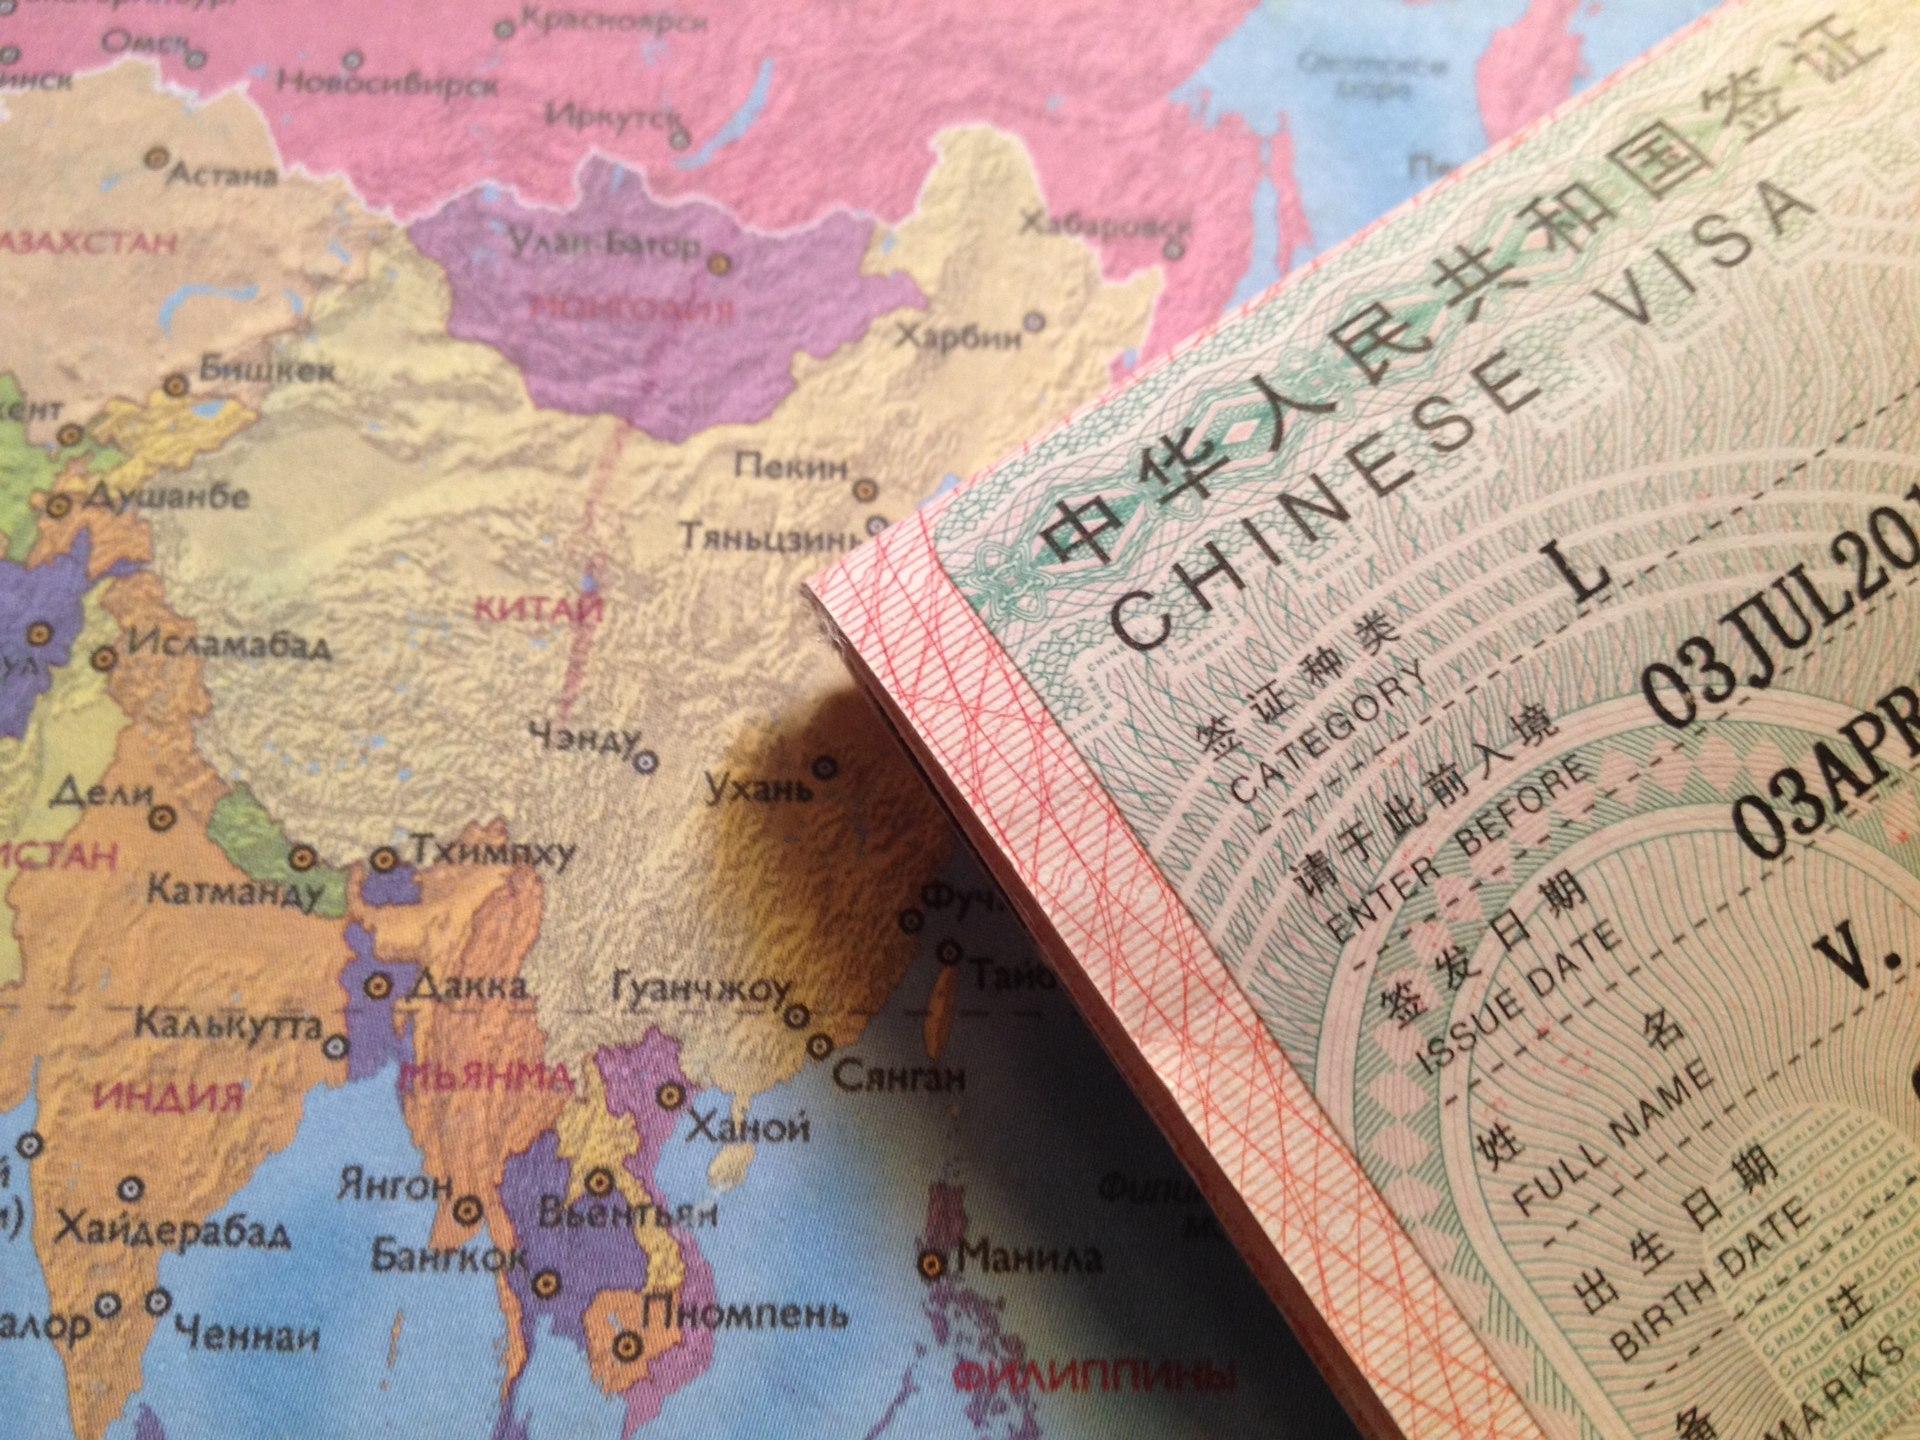 Нужна ли виза в Китай для россиян в 2020 году, сколько стоит туристическая виза в китай в Москве